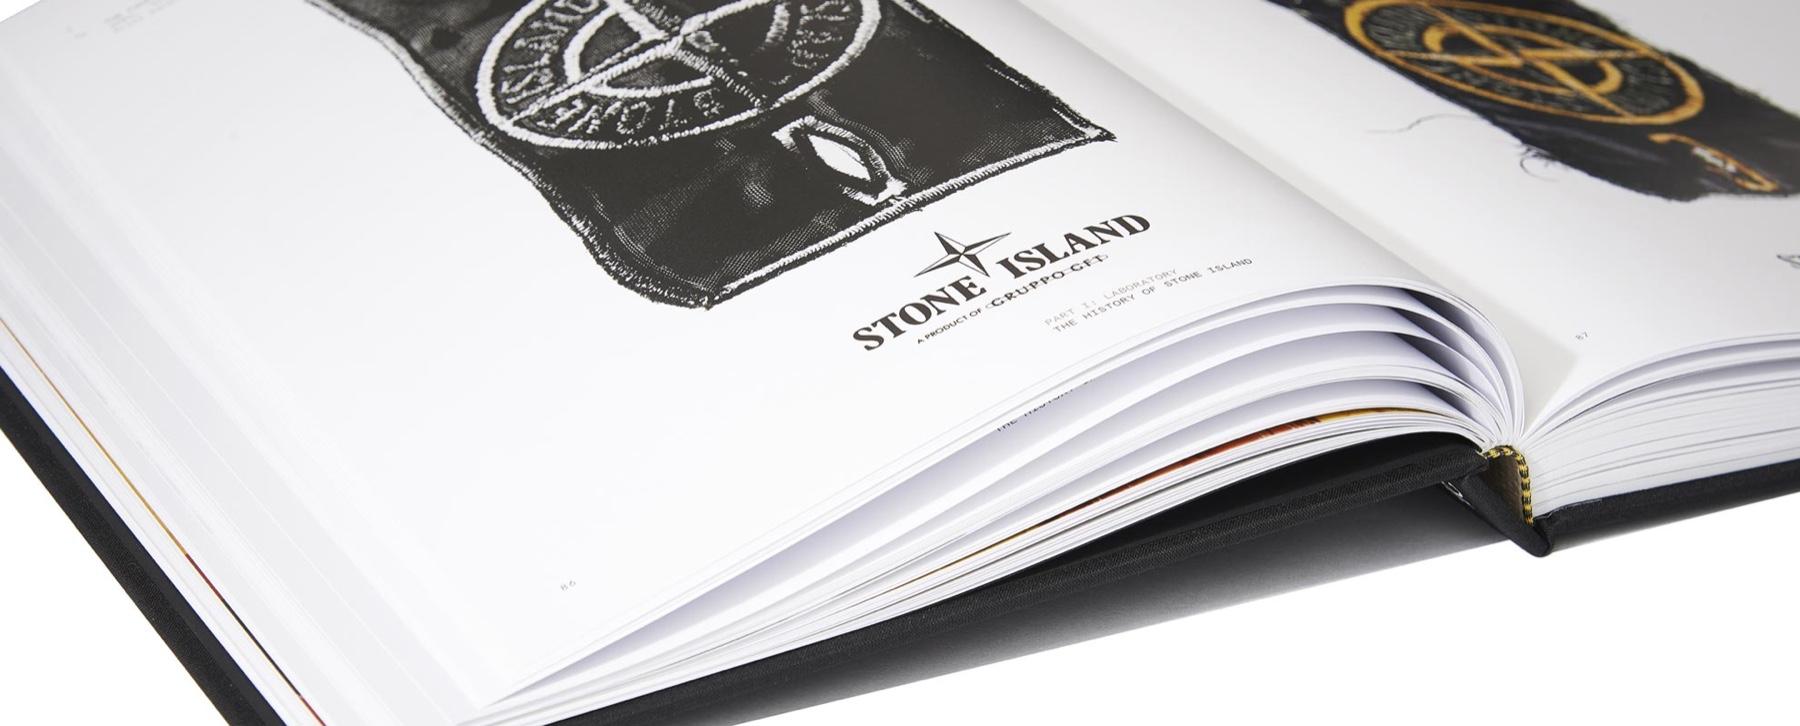 Stone Island: La Storia libro